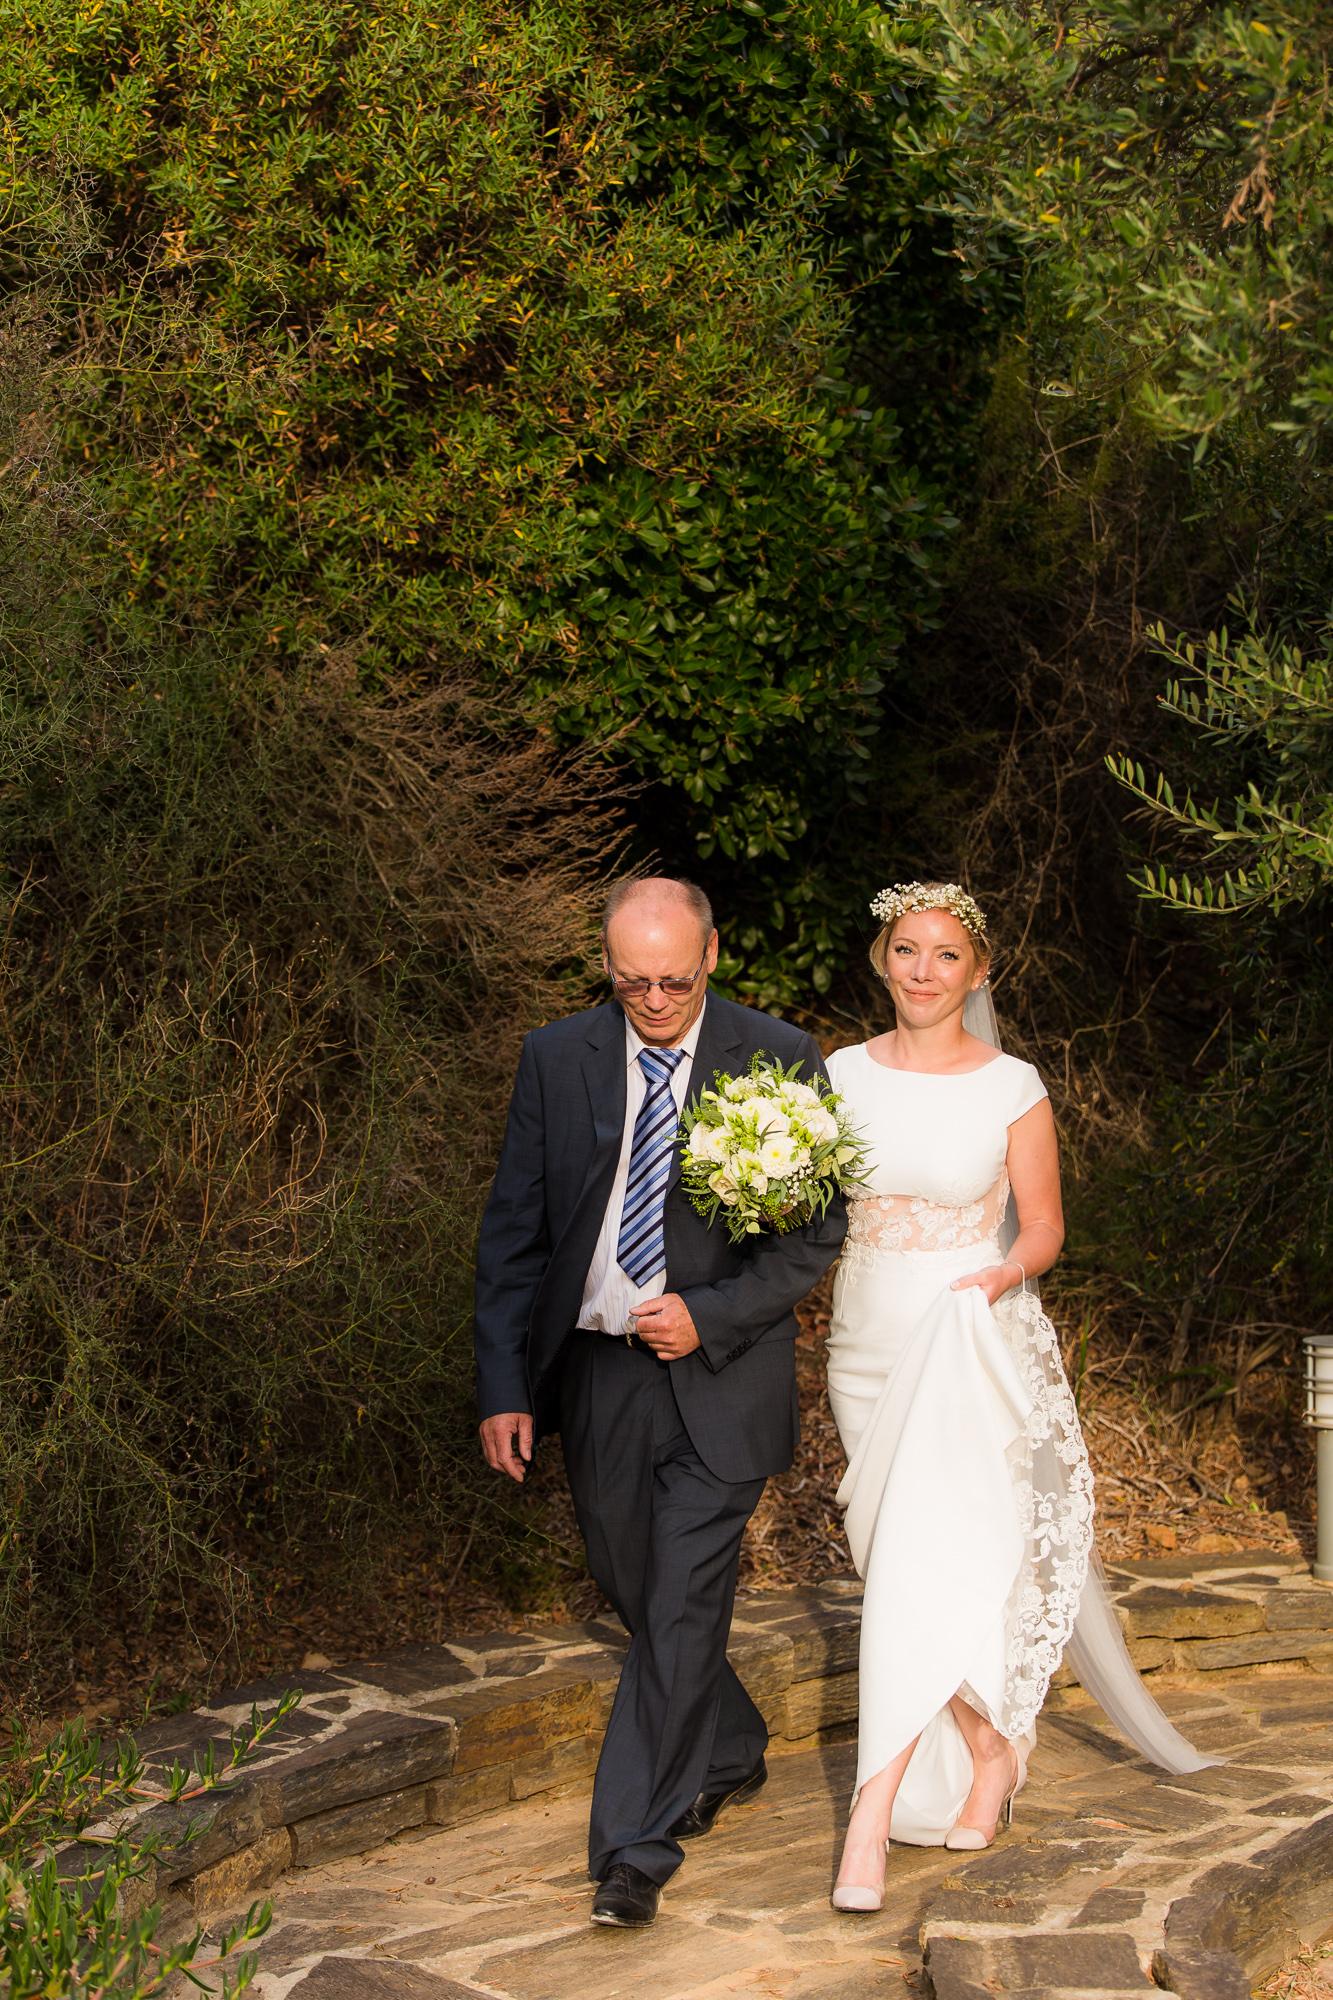 Mariage Bormes-les-Mimosas | arrivé de la marié à la cérémonie laïque